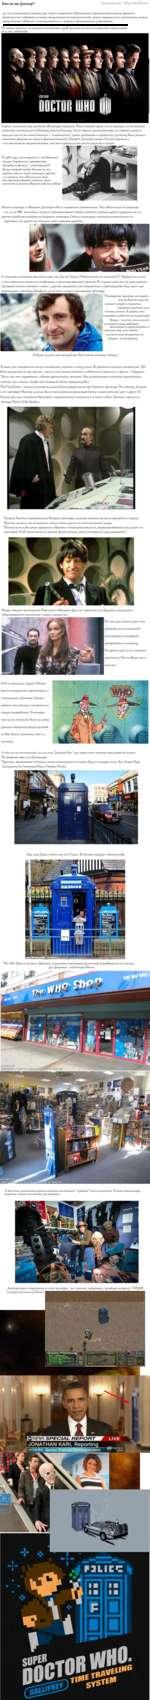 Kino же вы Доктор? 50 лет исполняется сериалу про самого известного британского путешественника во времени. Доктор успел побывать в самых отдаленных уголках вселенной, стать свидетелем и участником самых невероятных событий, и познакомиться с самыми кевозмташы^ ^^®*^^^^^®^^^^^^^^^^^^^ебТключа!Пс